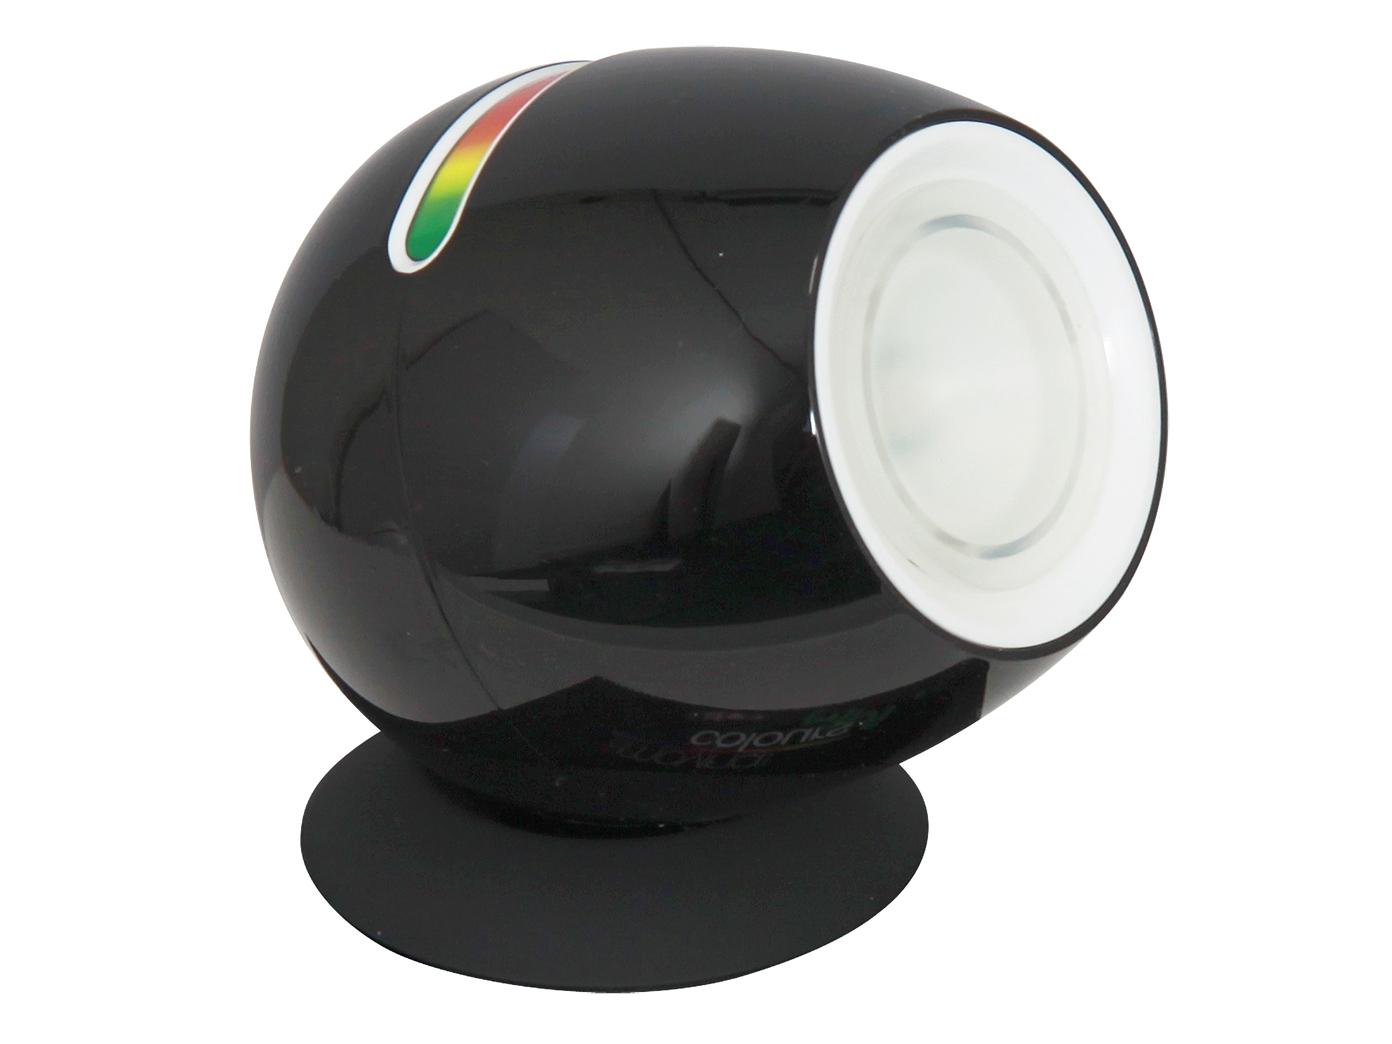 schwarz LED Leuchte//Stimmungsleuchte mit Farbwechsler /& Touchfunktion